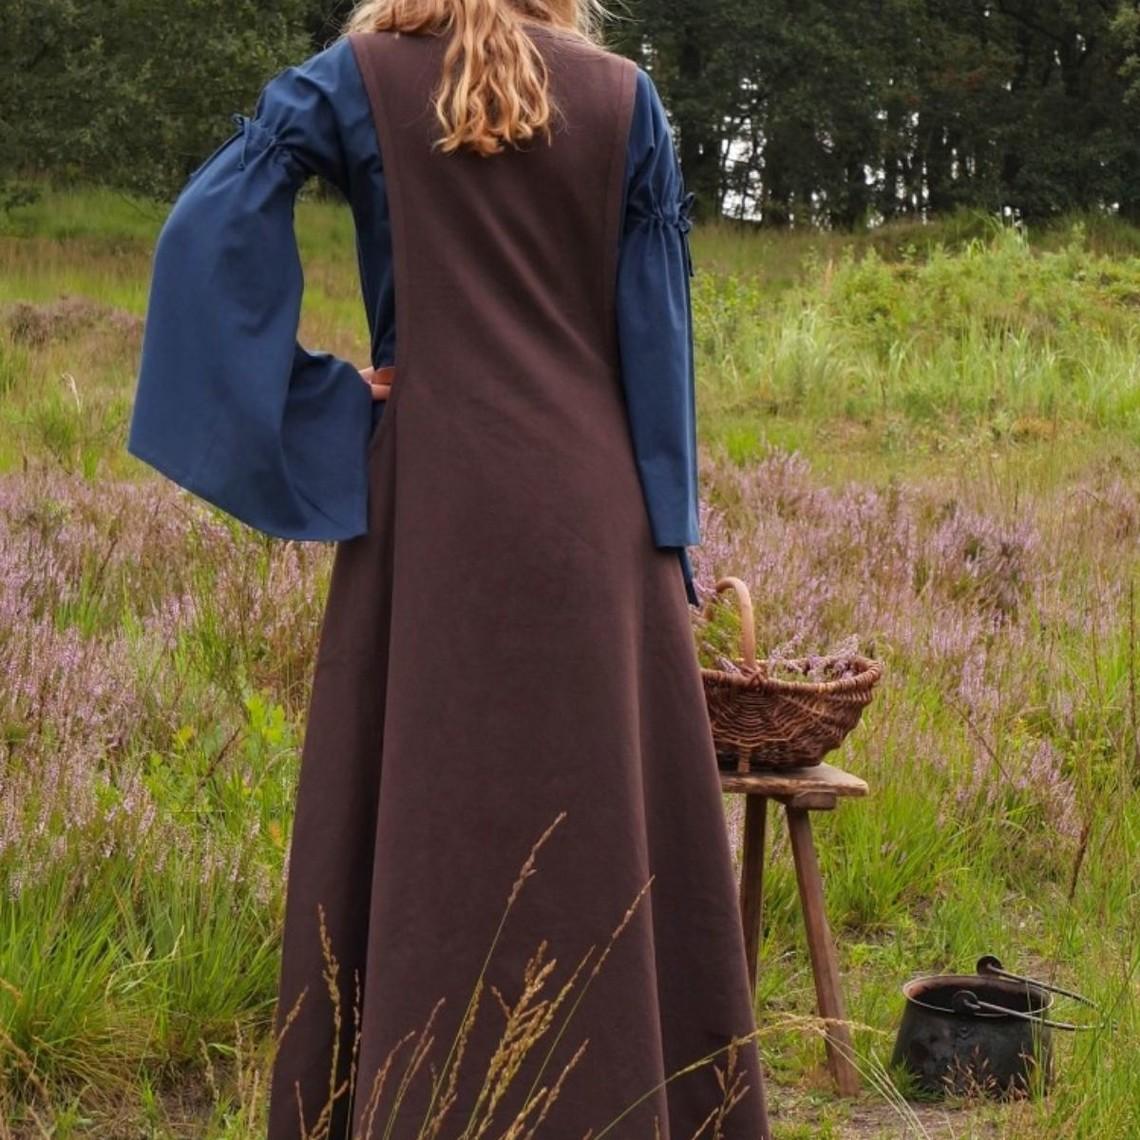 Surcotte medieval Isabeau, marrón